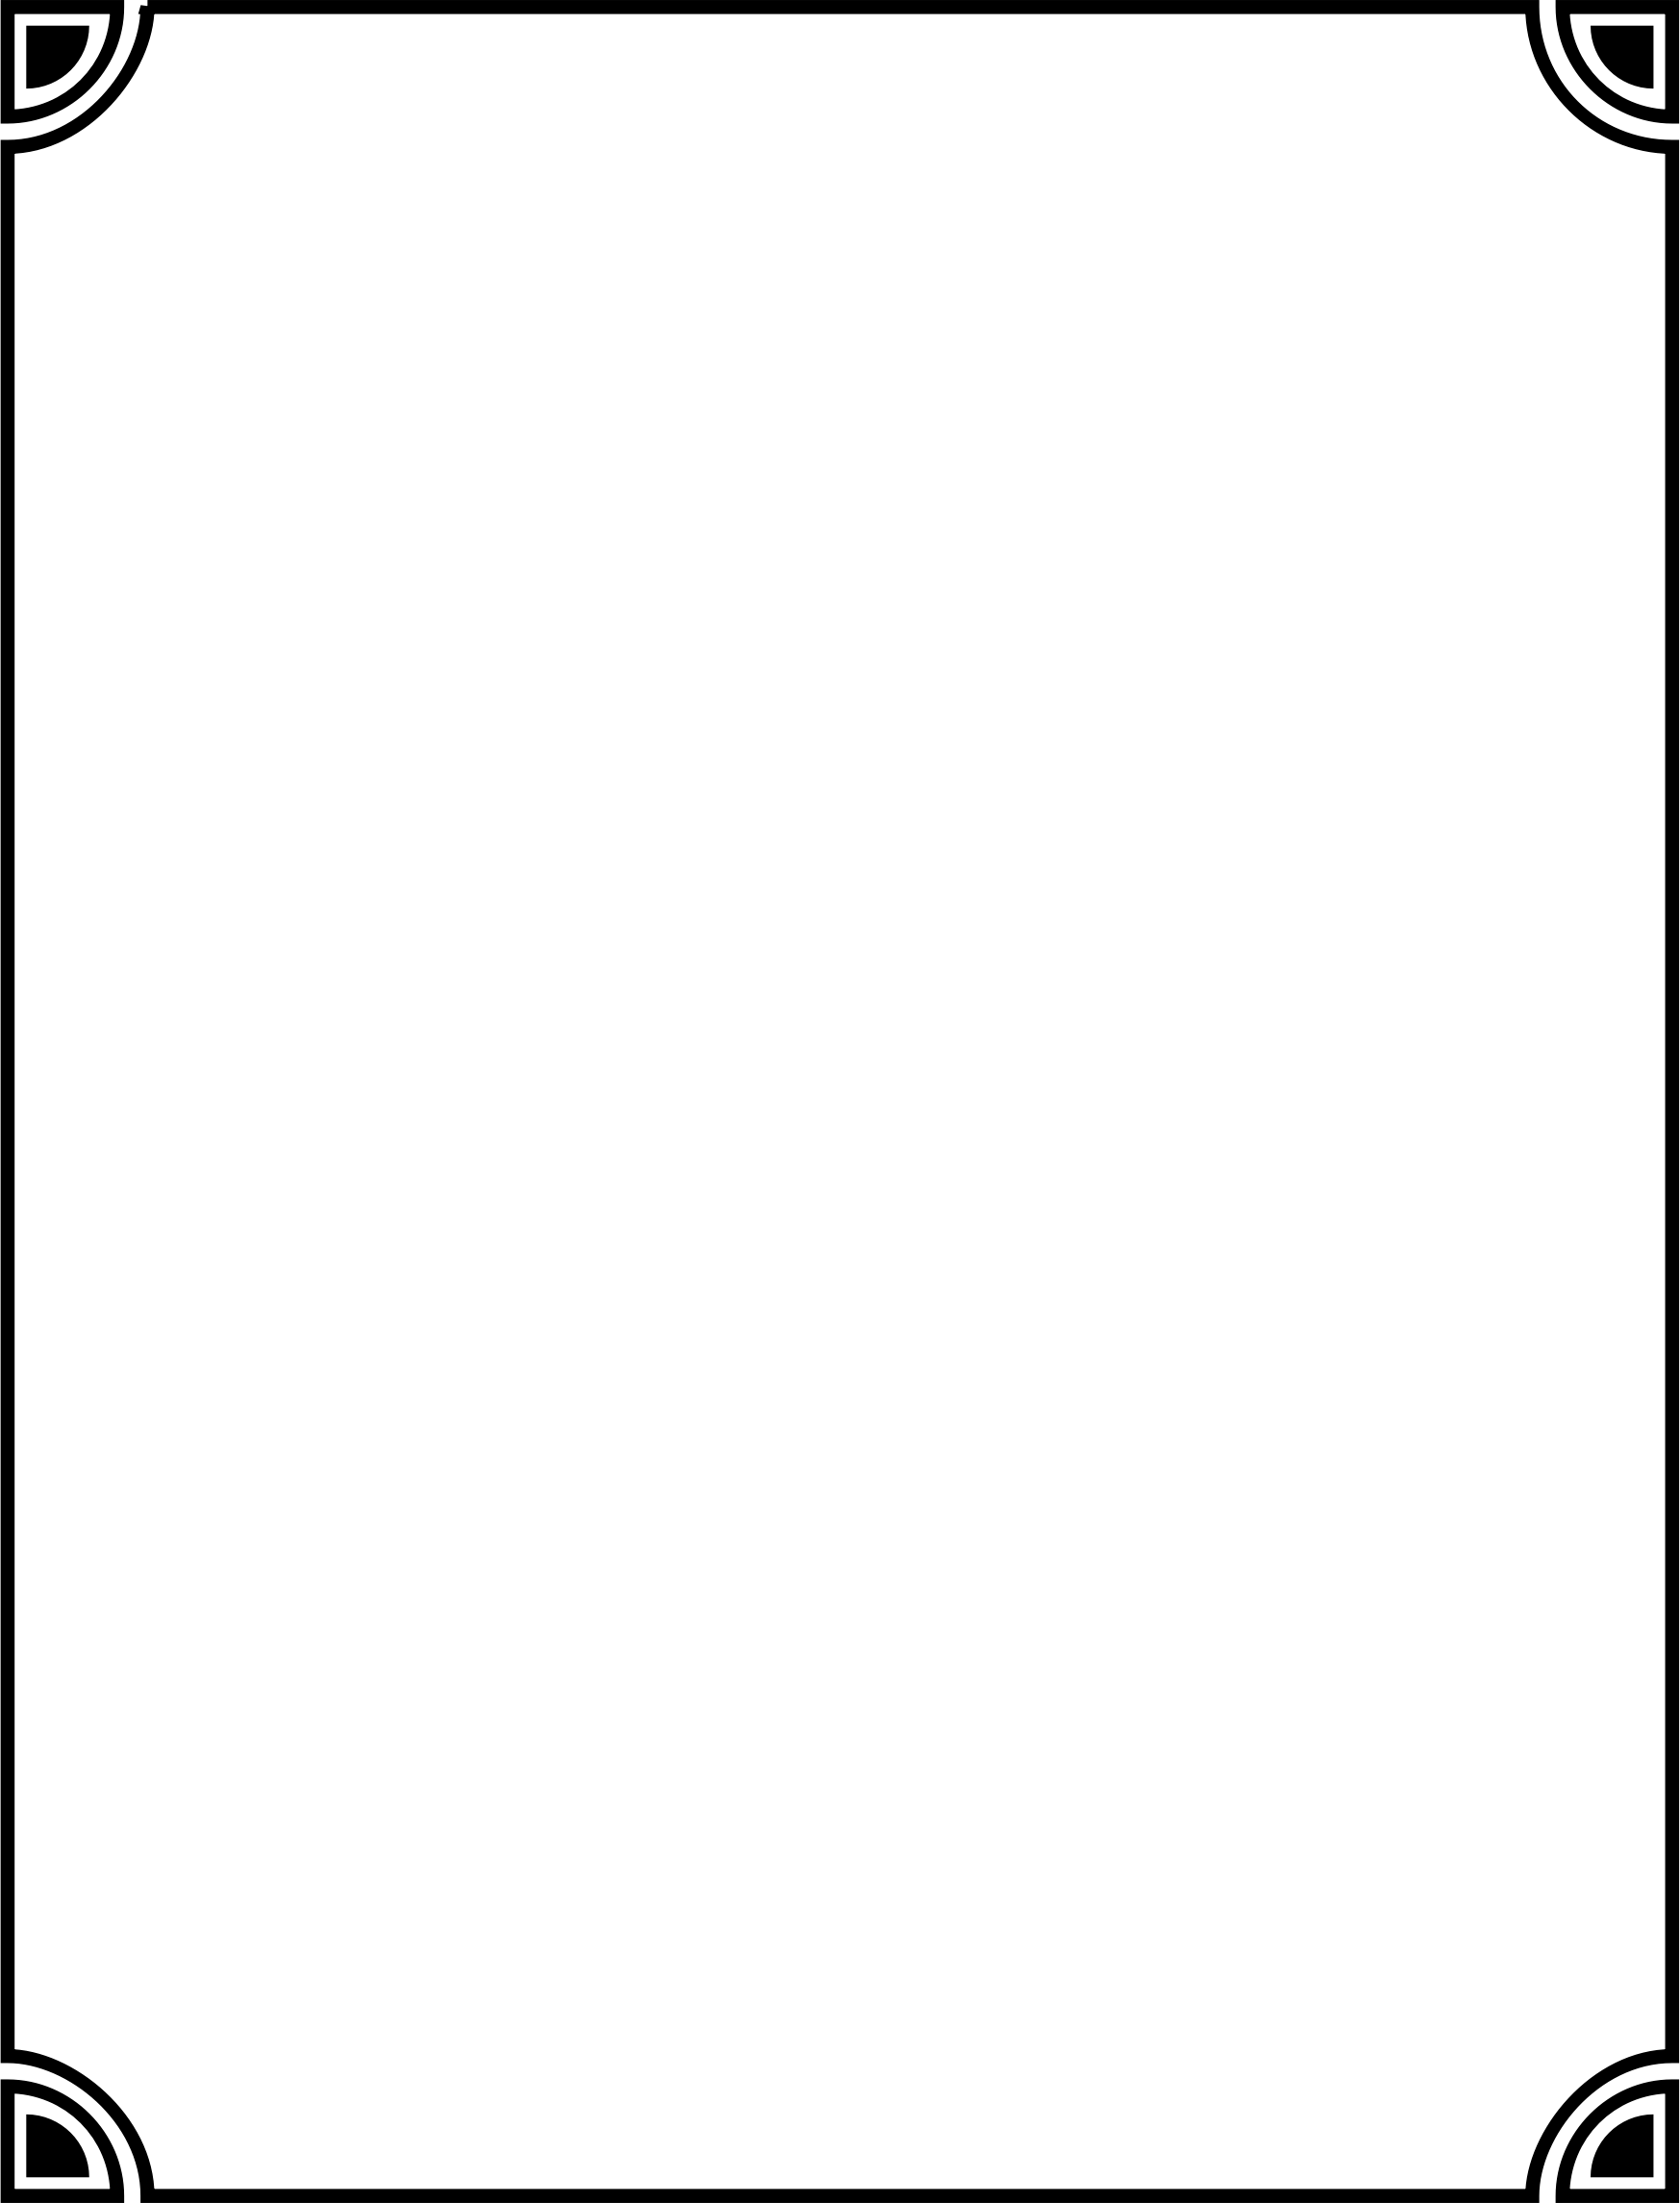 Boarder clipart transparent background. Black border png